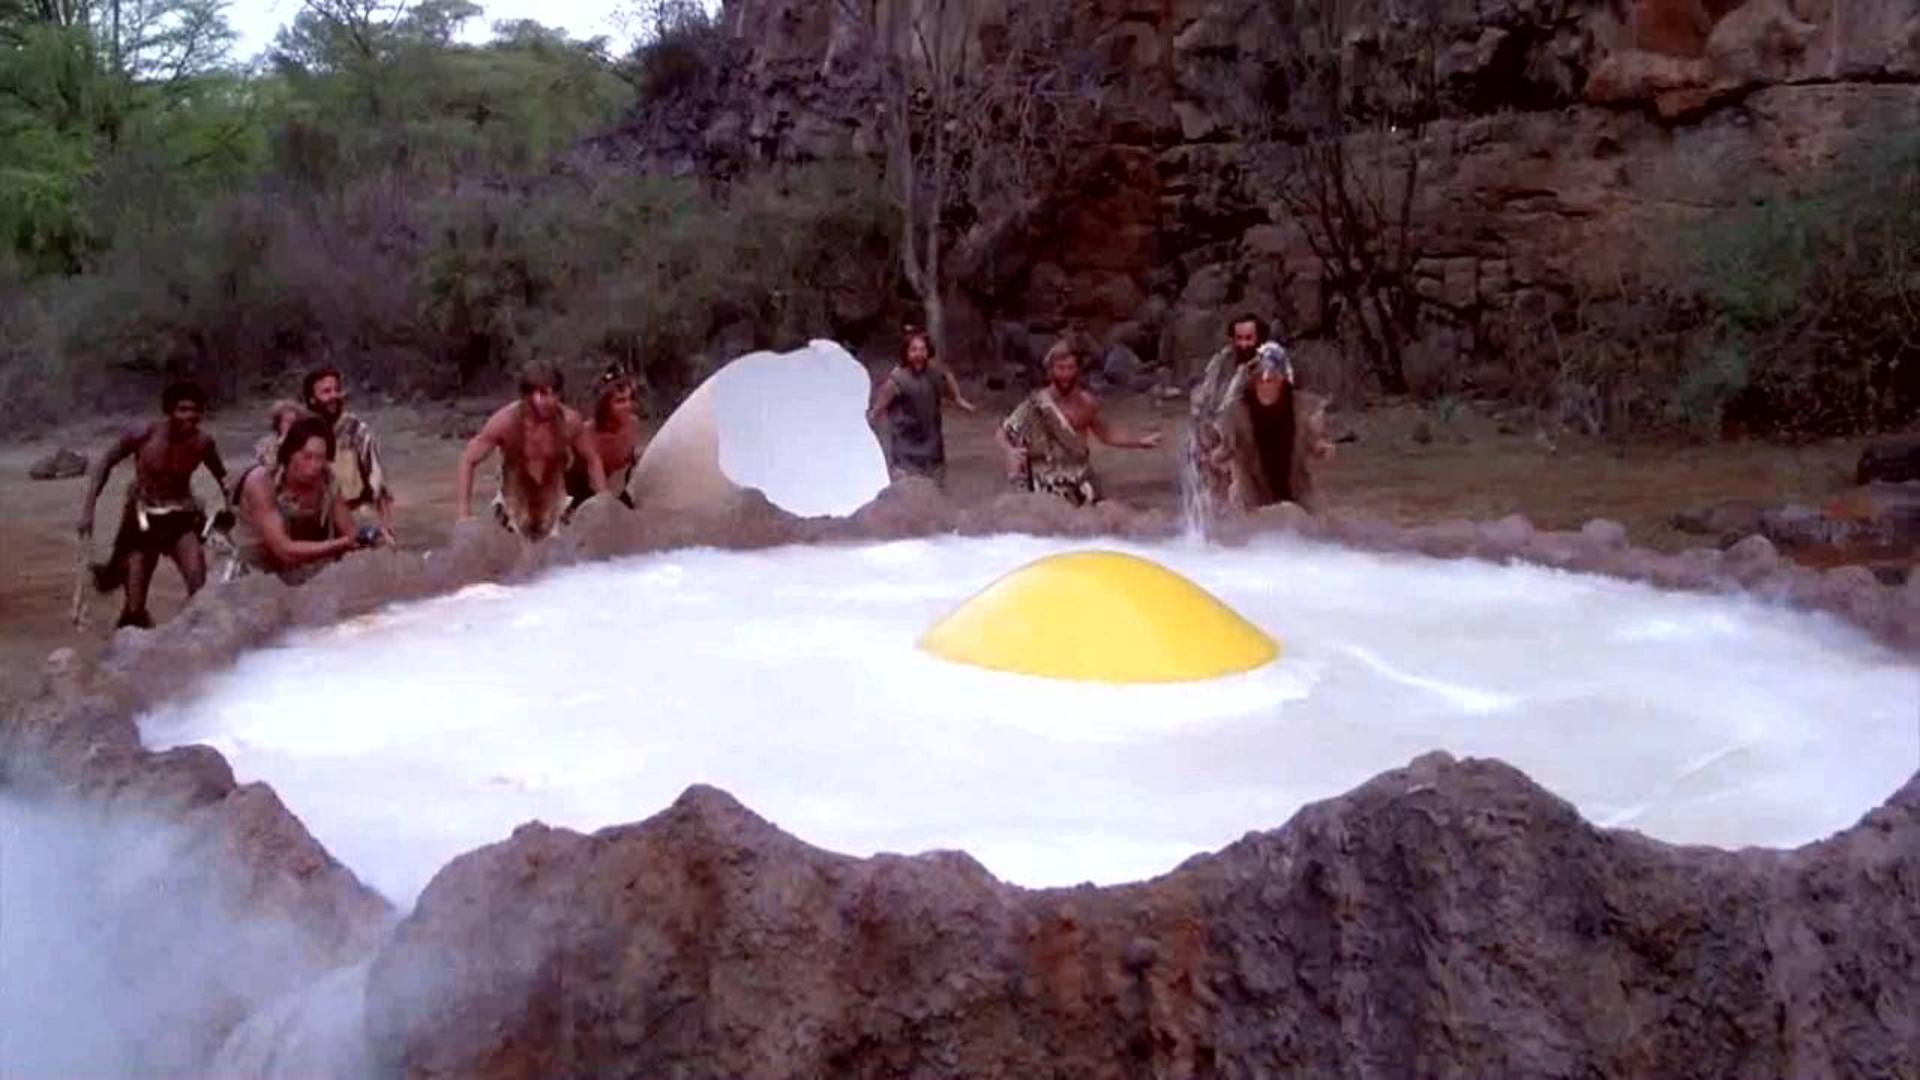 原始人将食物丢到火山口,意外做出超大荷包蛋,一部科幻搞笑片!